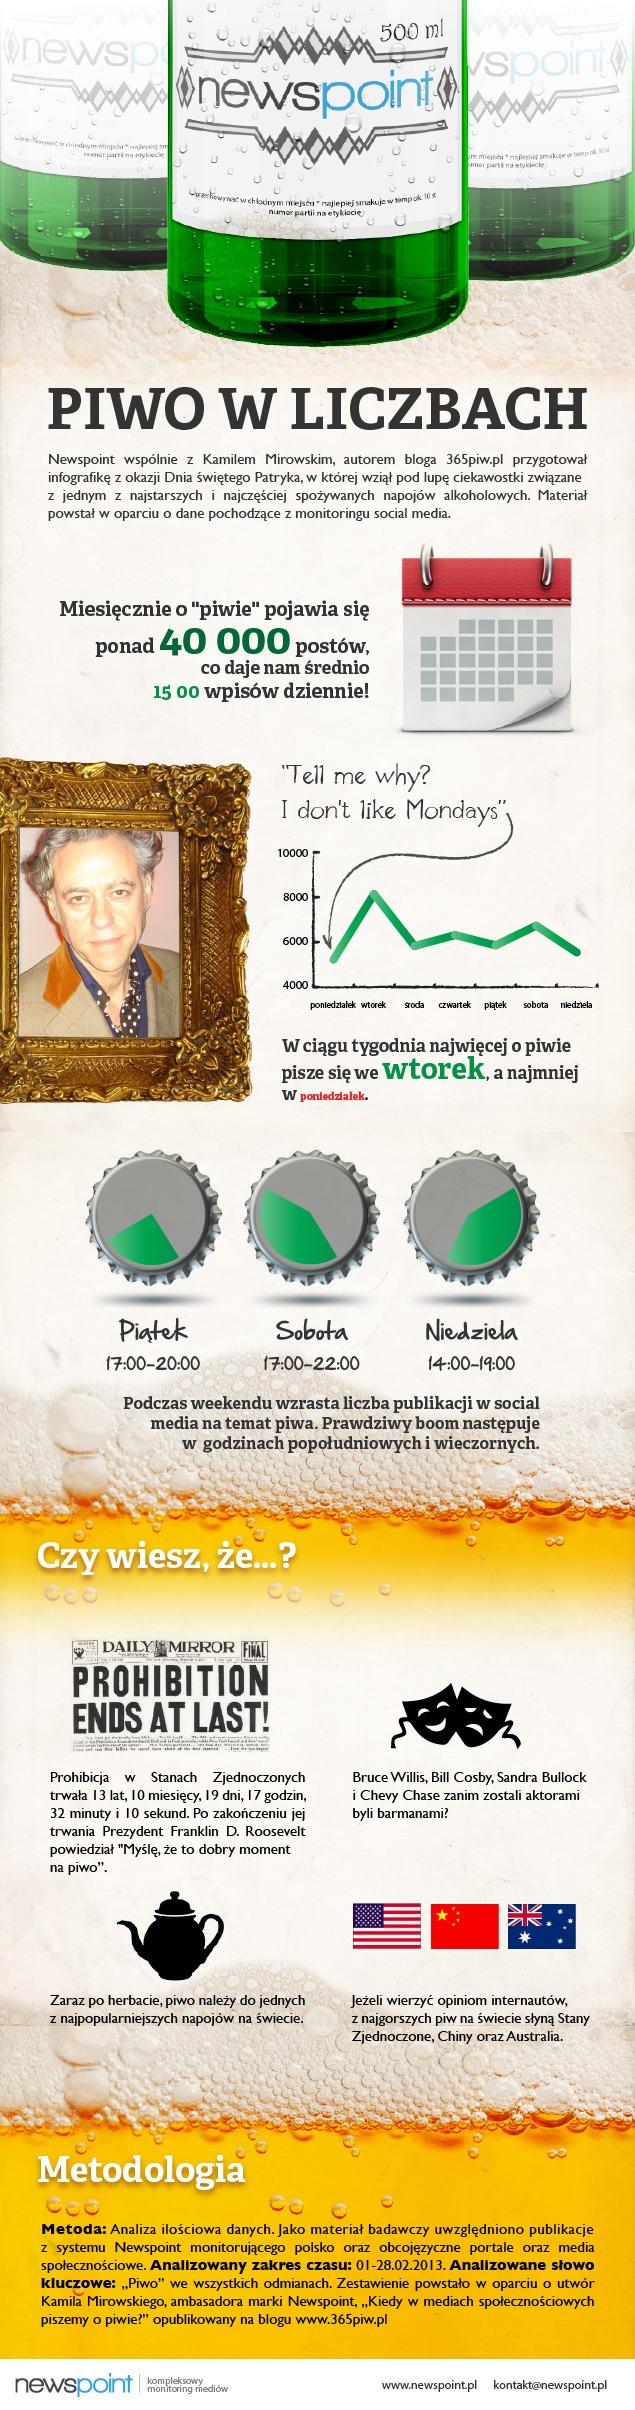 Newspoint_infografika_piwna_MrSocial_365piw_Kamil_Mirowski